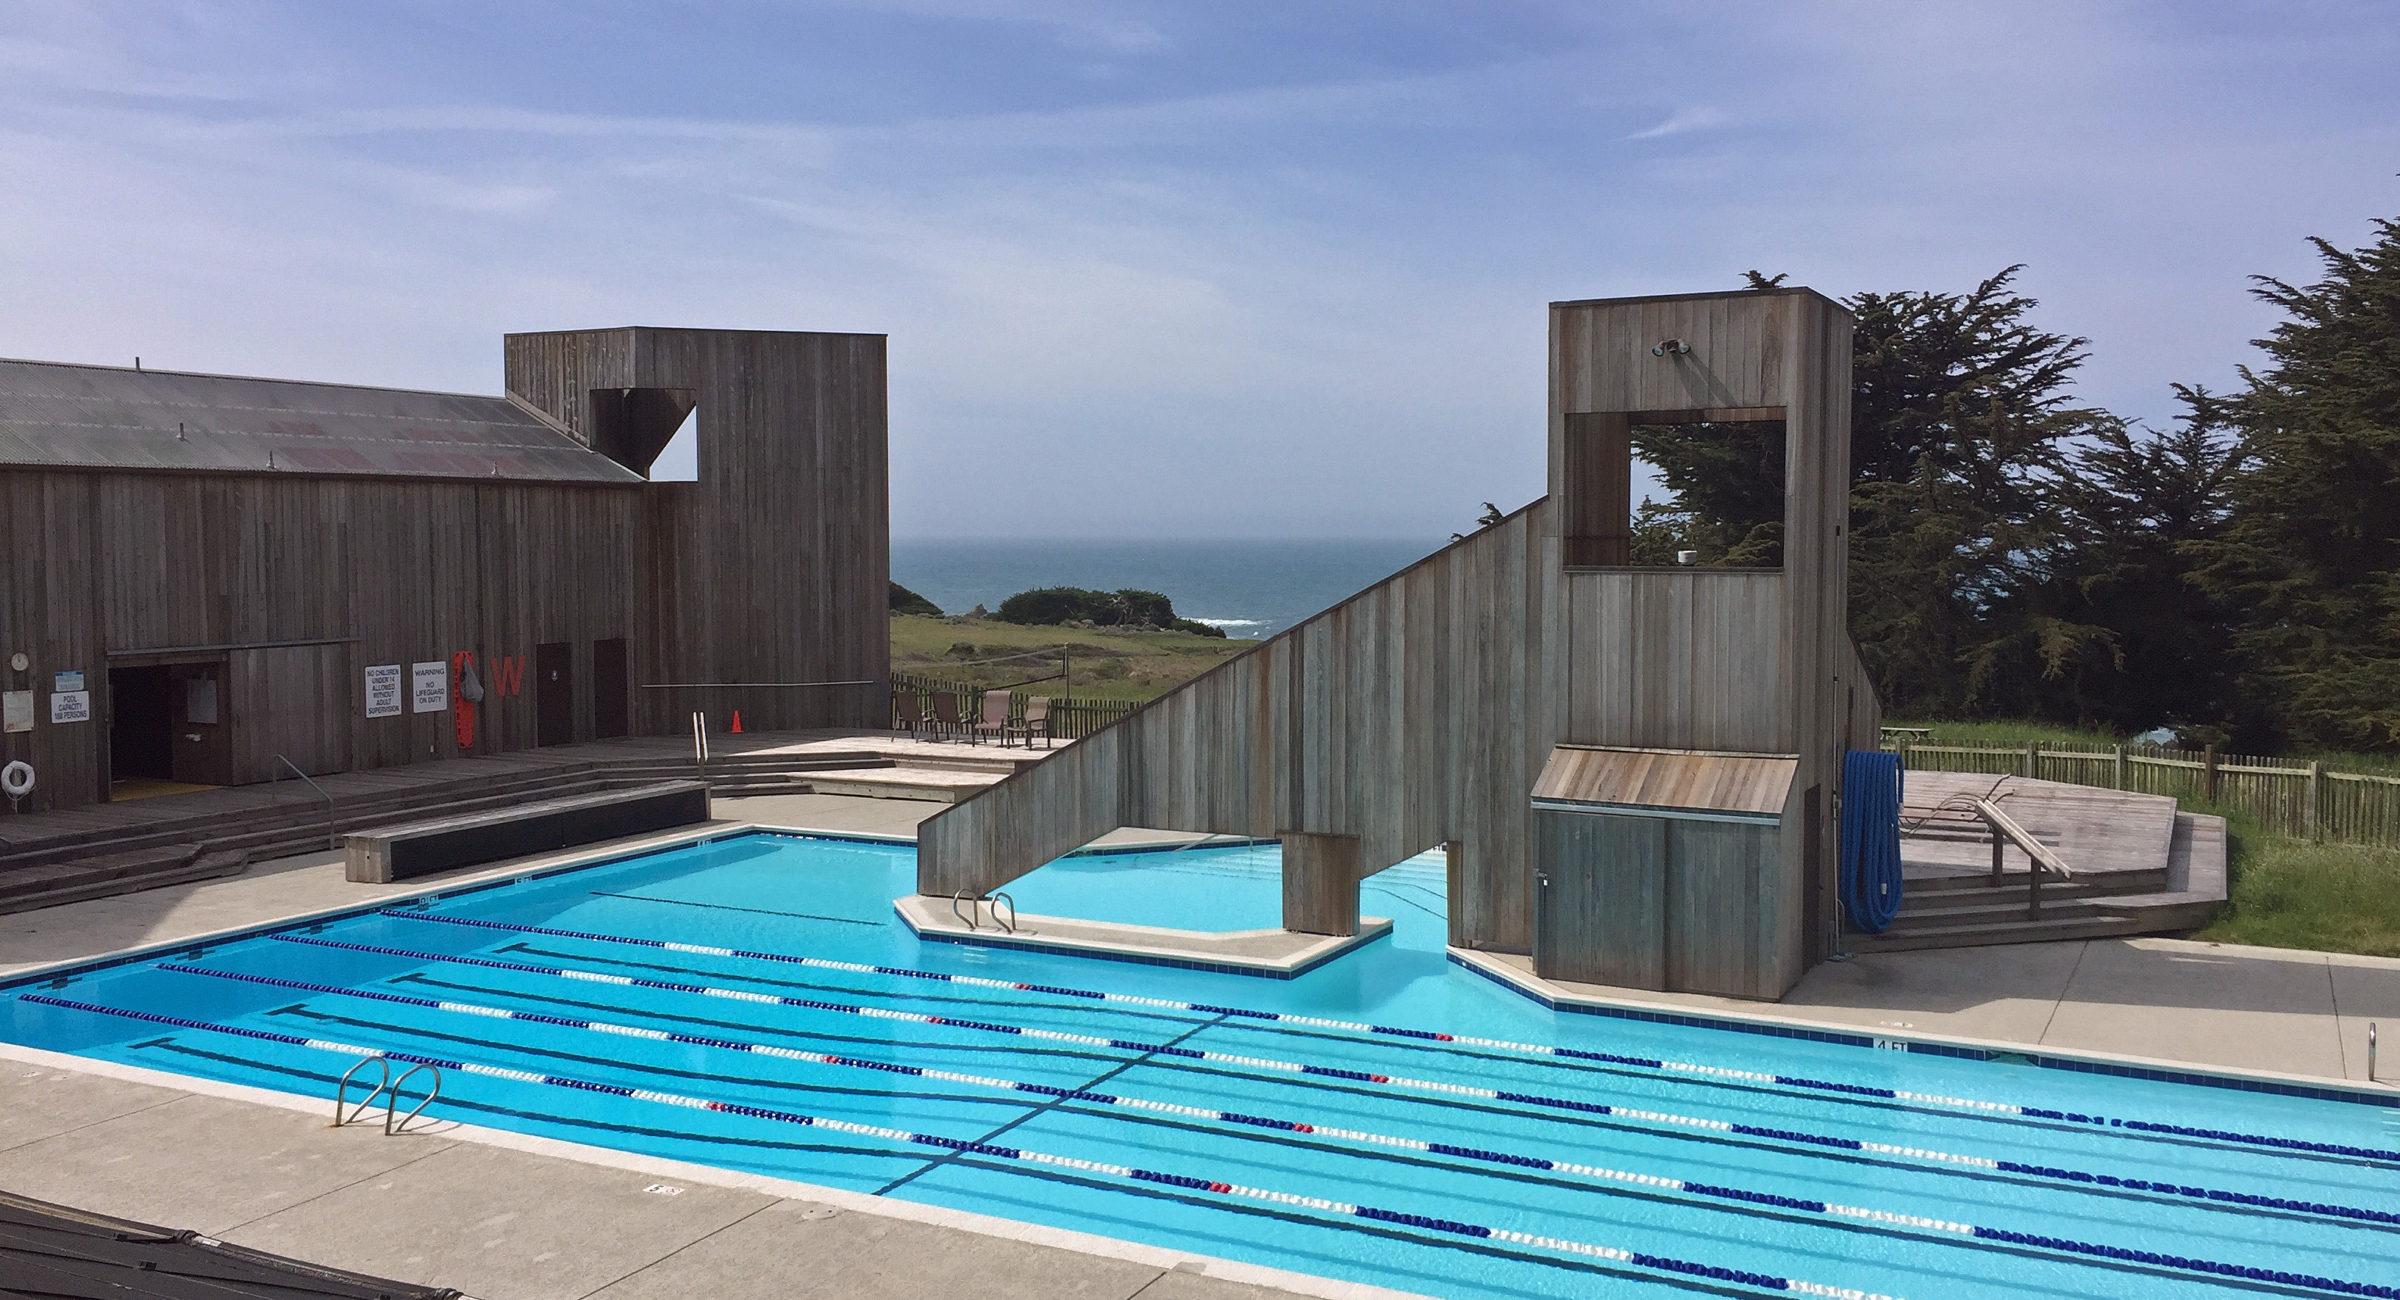 Ohlson Recreation Center Pool